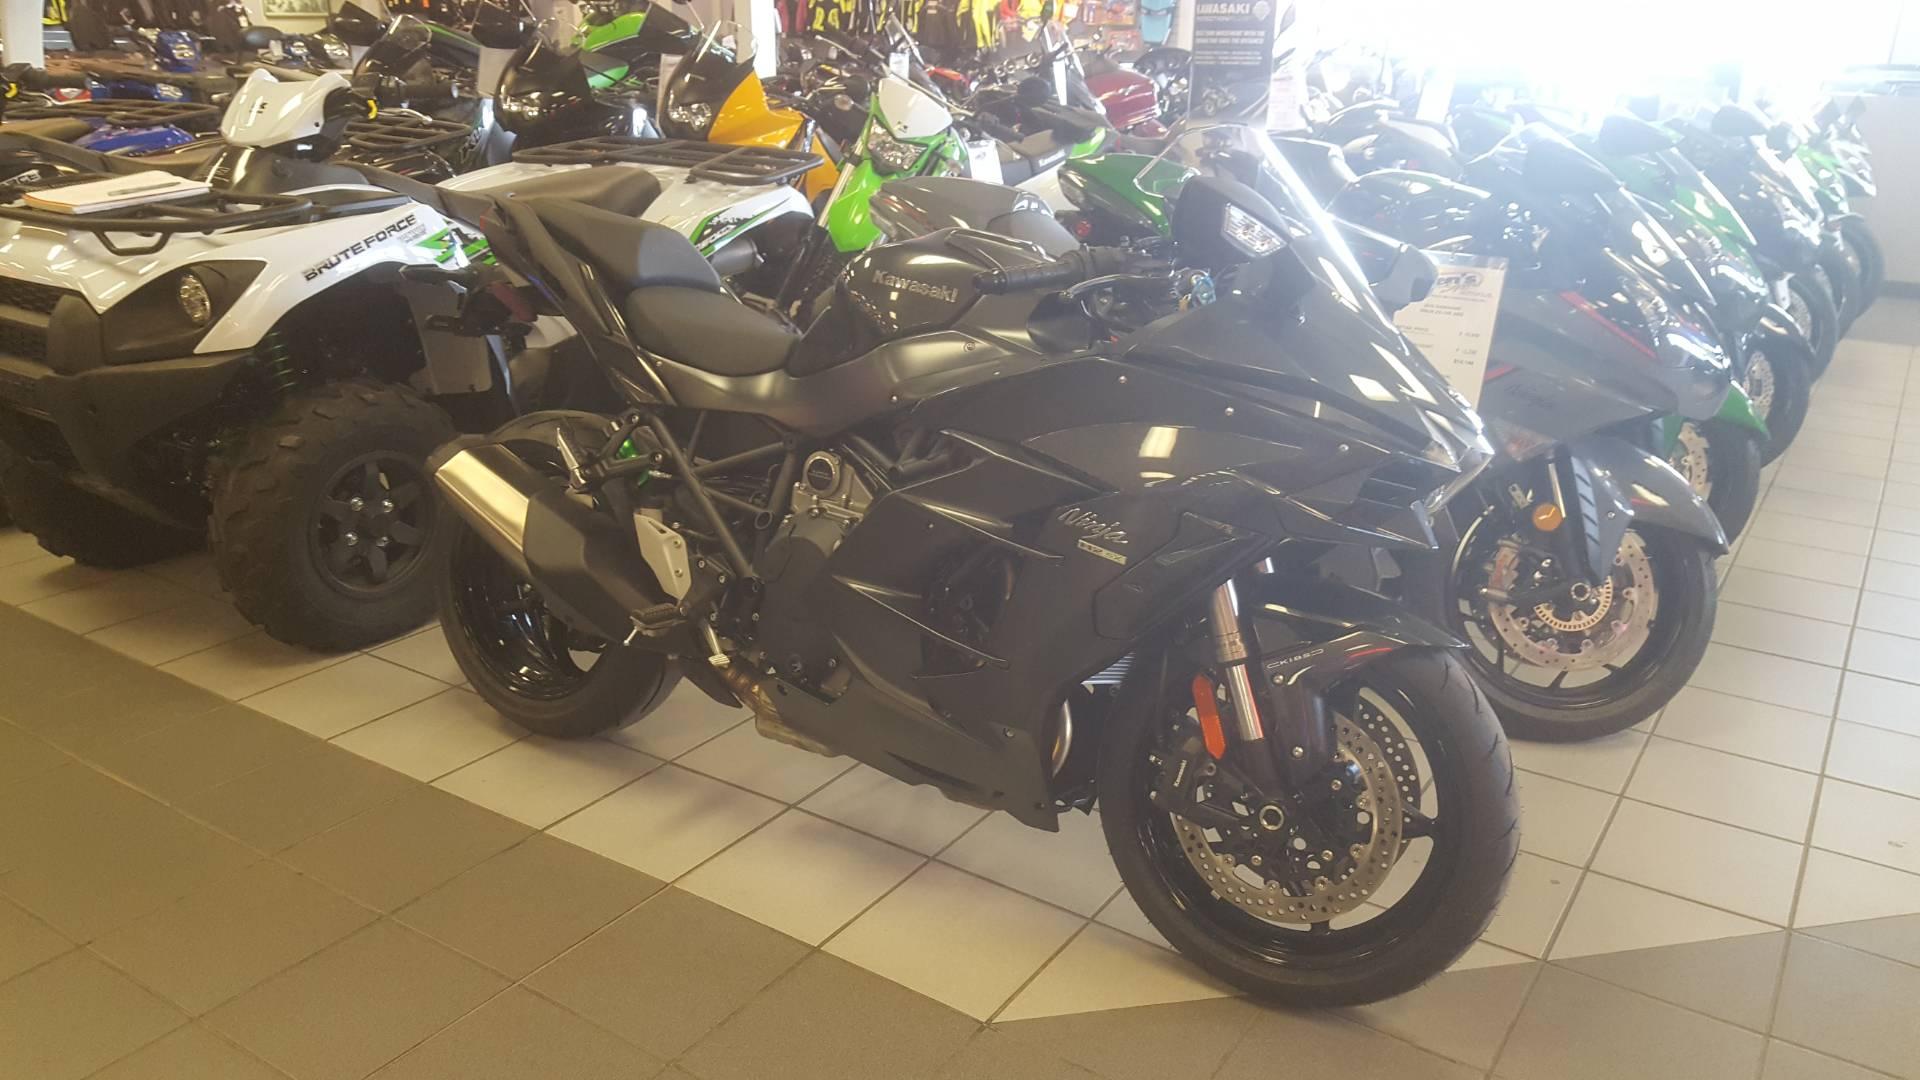 2018 Kawasaki Ninja H2 SX for sale 4320